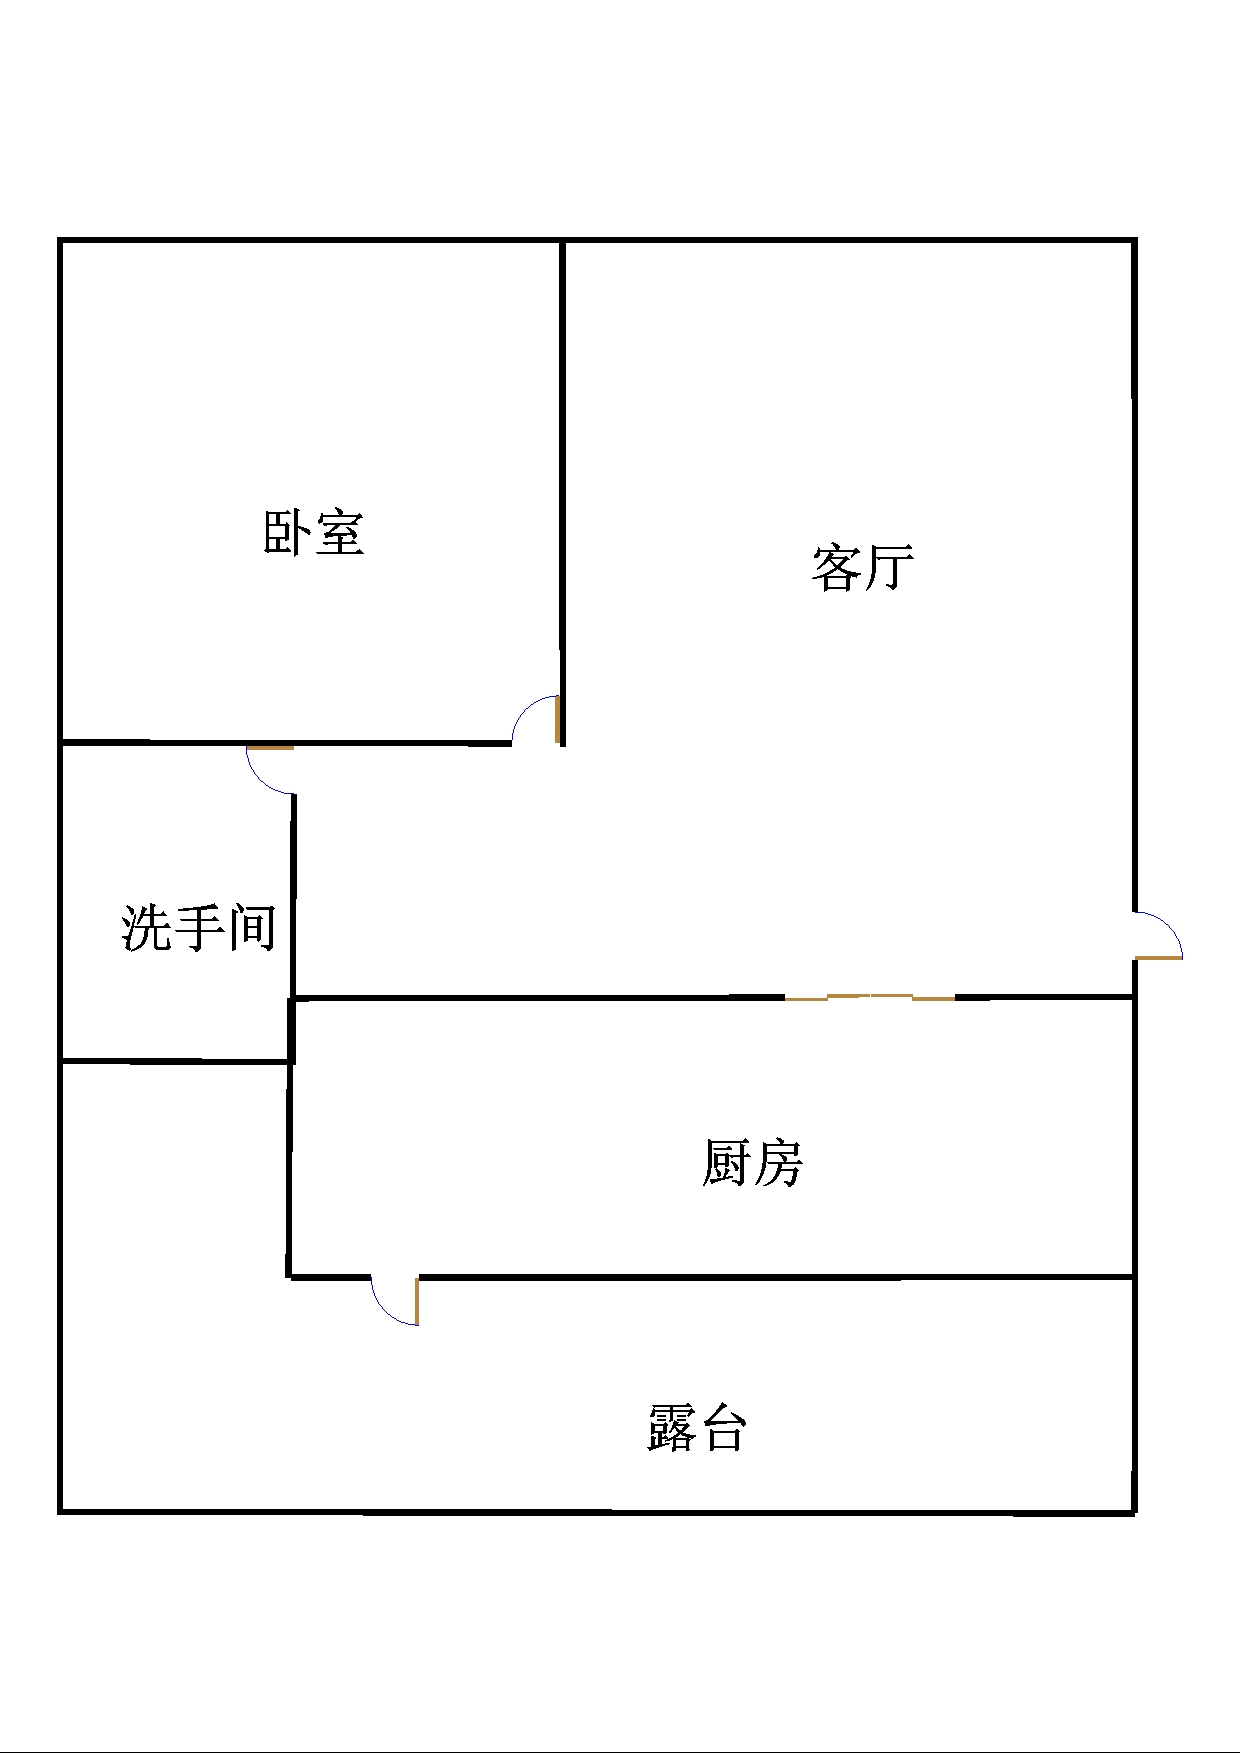 鲁班御景园 1室1厅 7楼